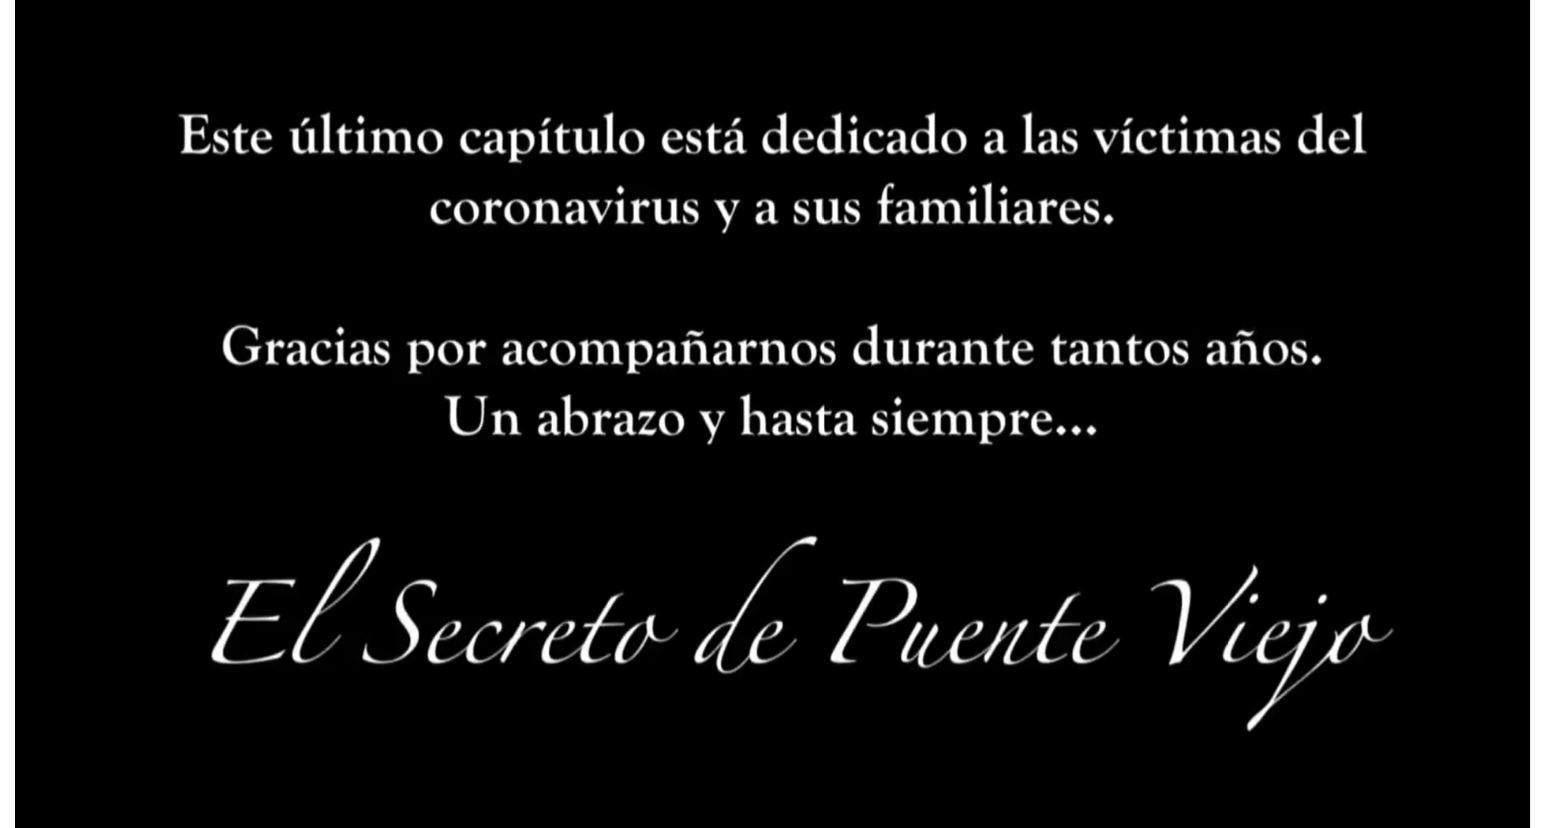 In Spagna l'ultima puntata de Il segreto è stata dedicata a tutte le vittime del coronavirus e alle famiglie